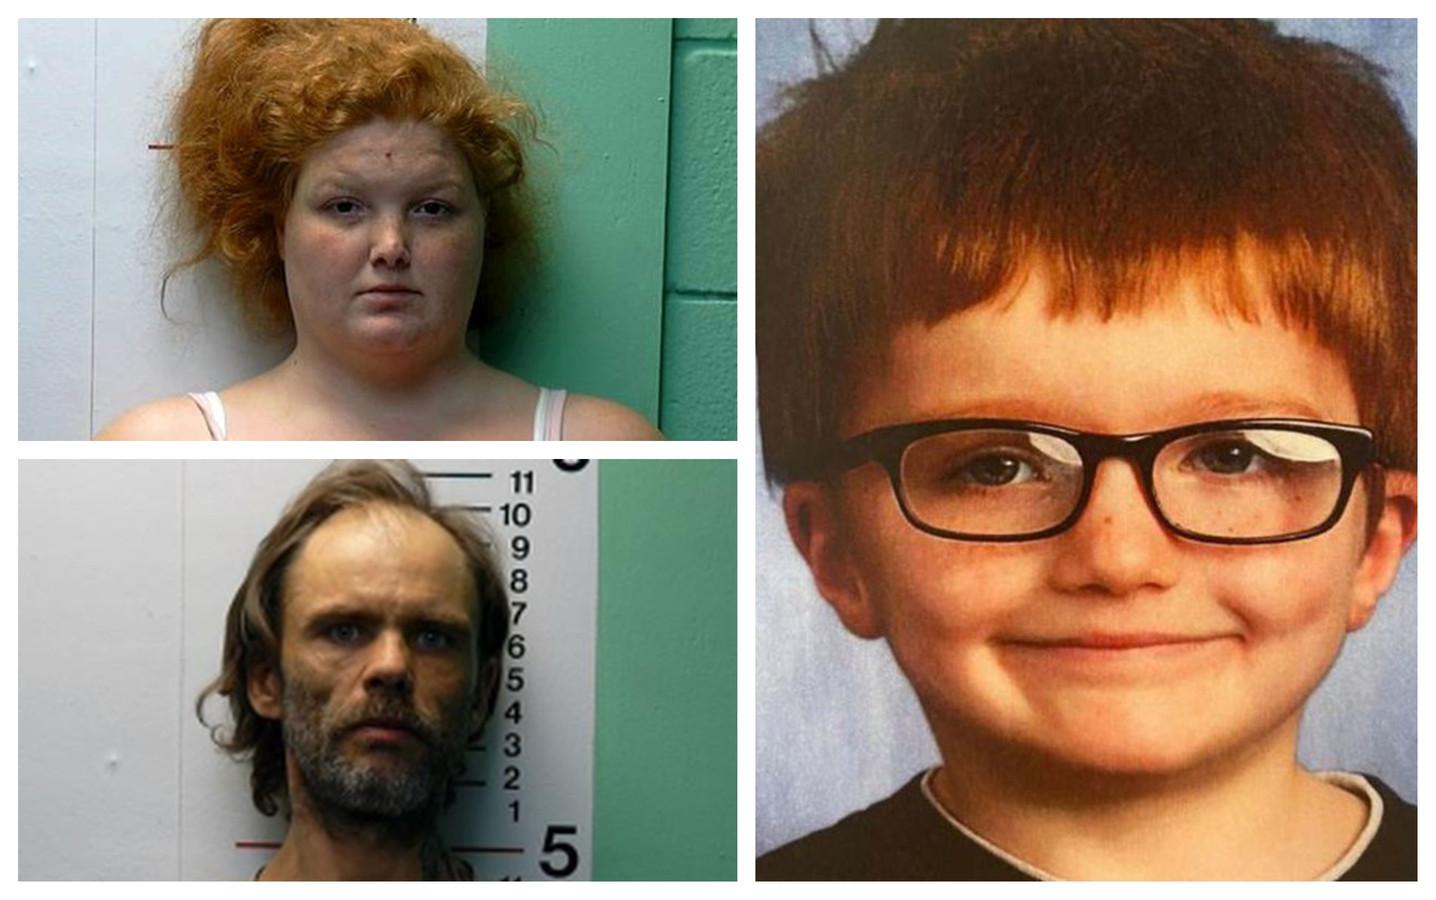 De overleden James Hutchinson (6). Zijn moeder Brittany Gosney (29) is aangeklaagd voor moord. Ook haar vriend James Hamilton (42) zit vast.